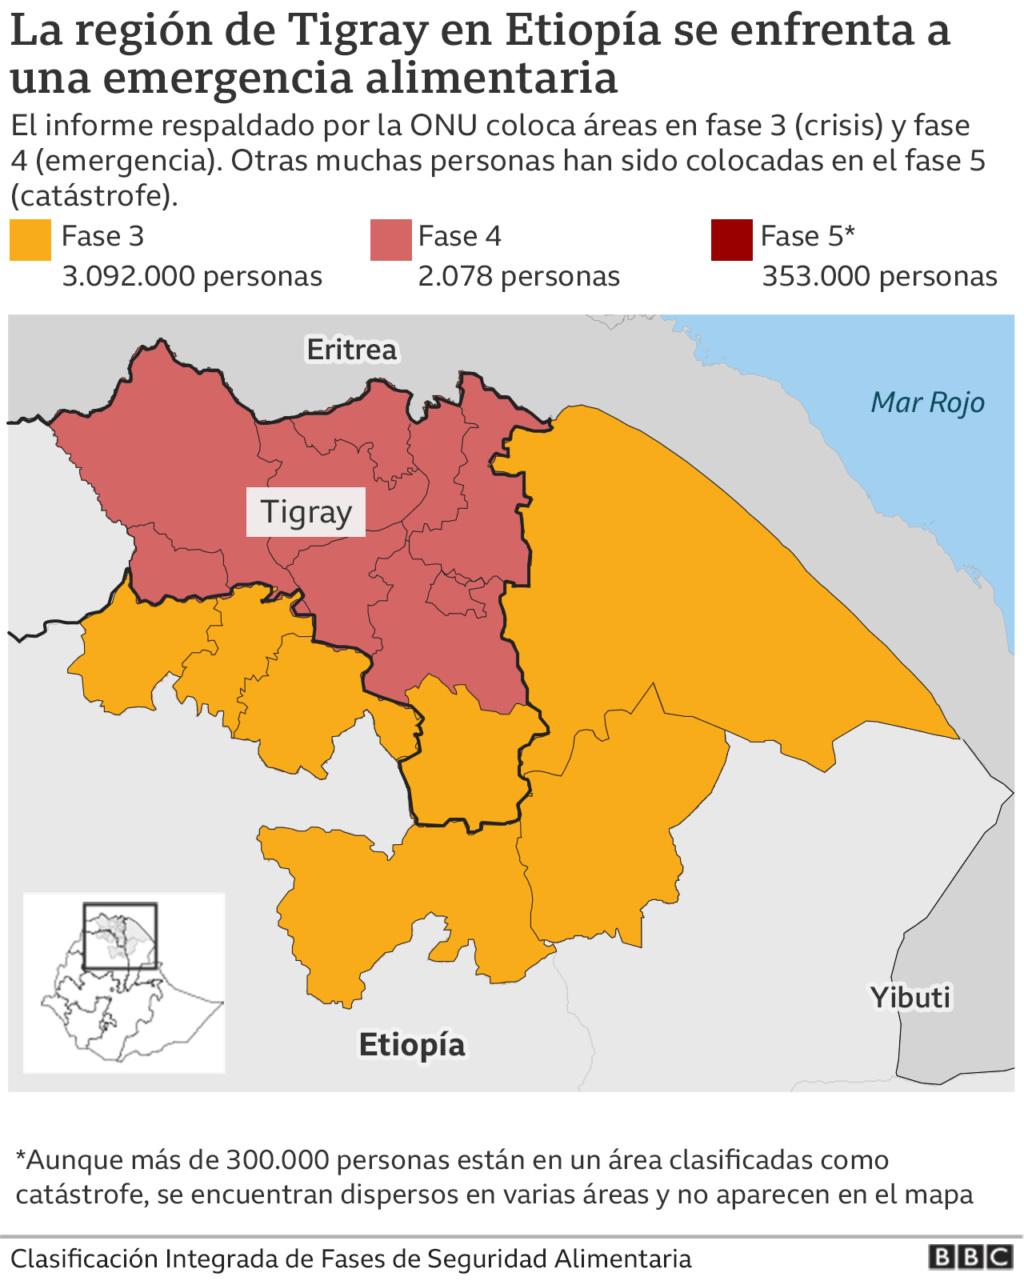 Etiopía: El Tribunal Supremo encarcela acusando de terrorismo. - Página 3 _1188910